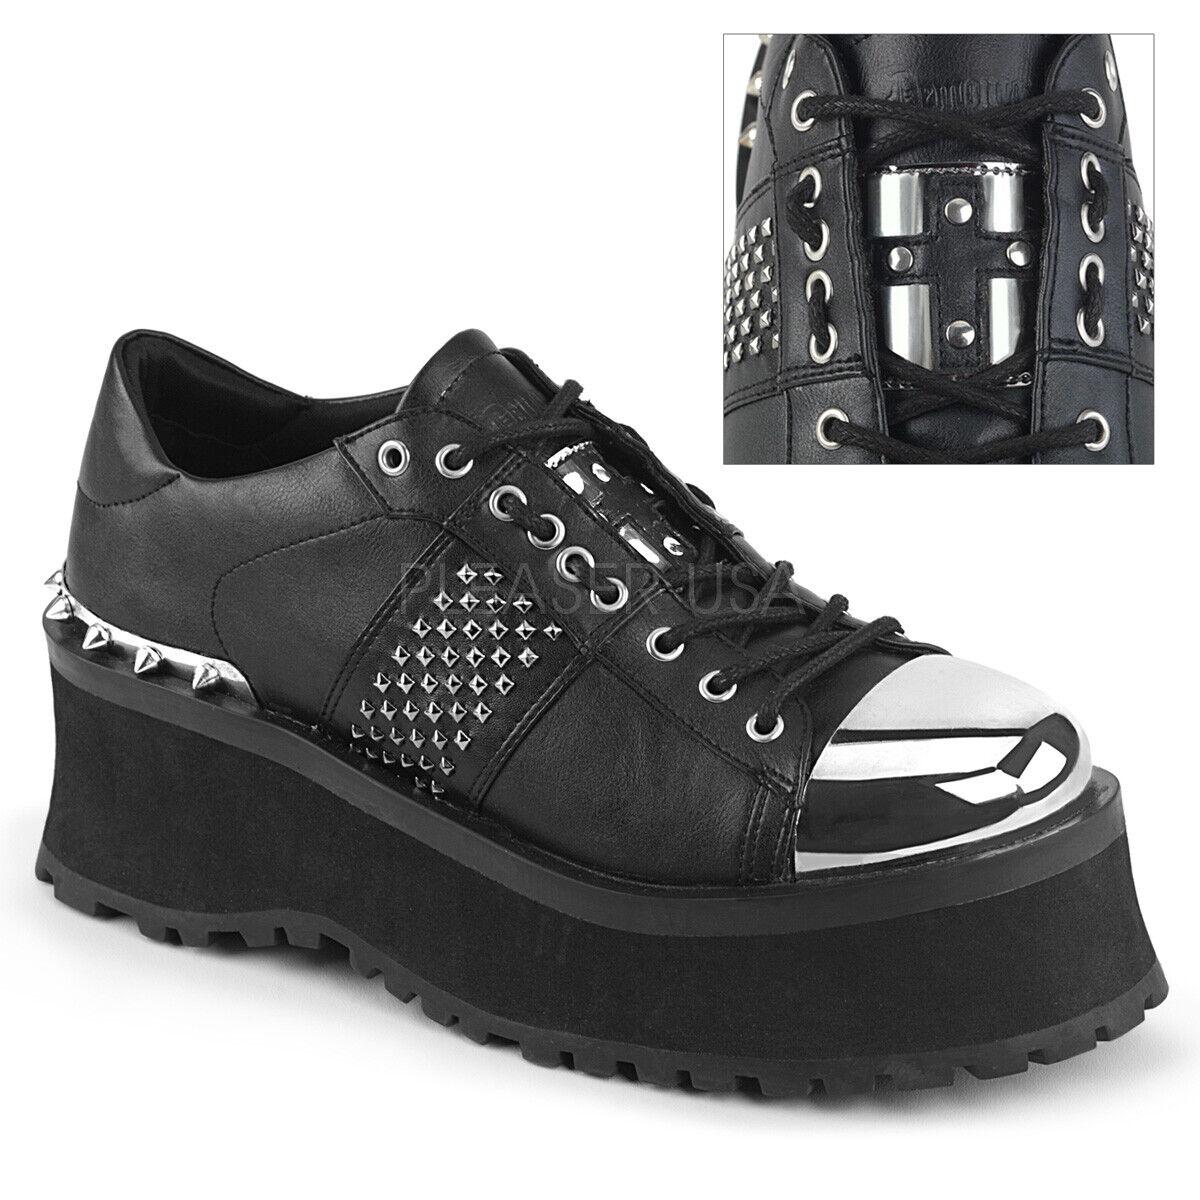 Zapatillas para hombre Plataforma Negro Acero Puntera Punk Goth Demonia Zapatos 8 9 10 11 12